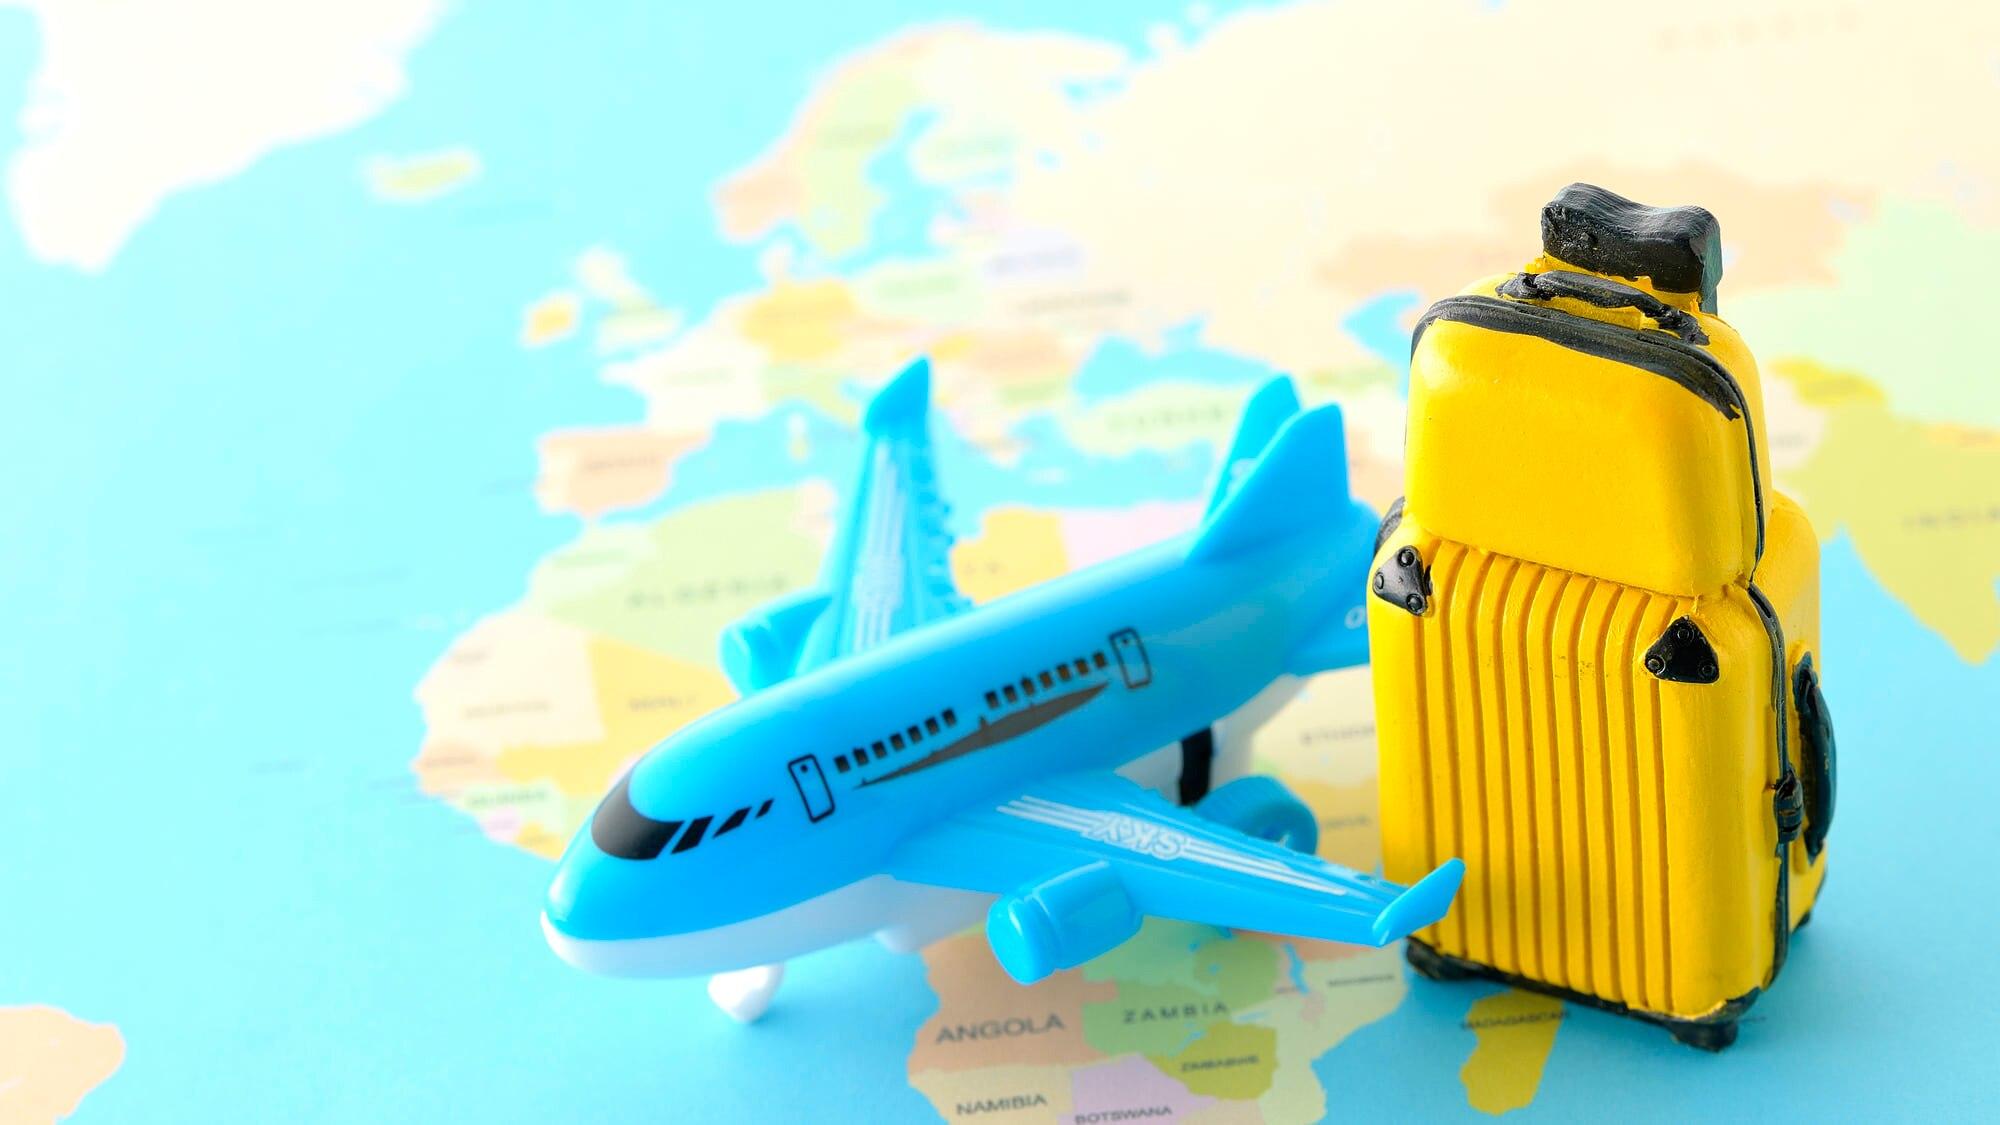 海外航空券は2019年10月以降がオトク!? 燃料サーチャージ値下げについて解説